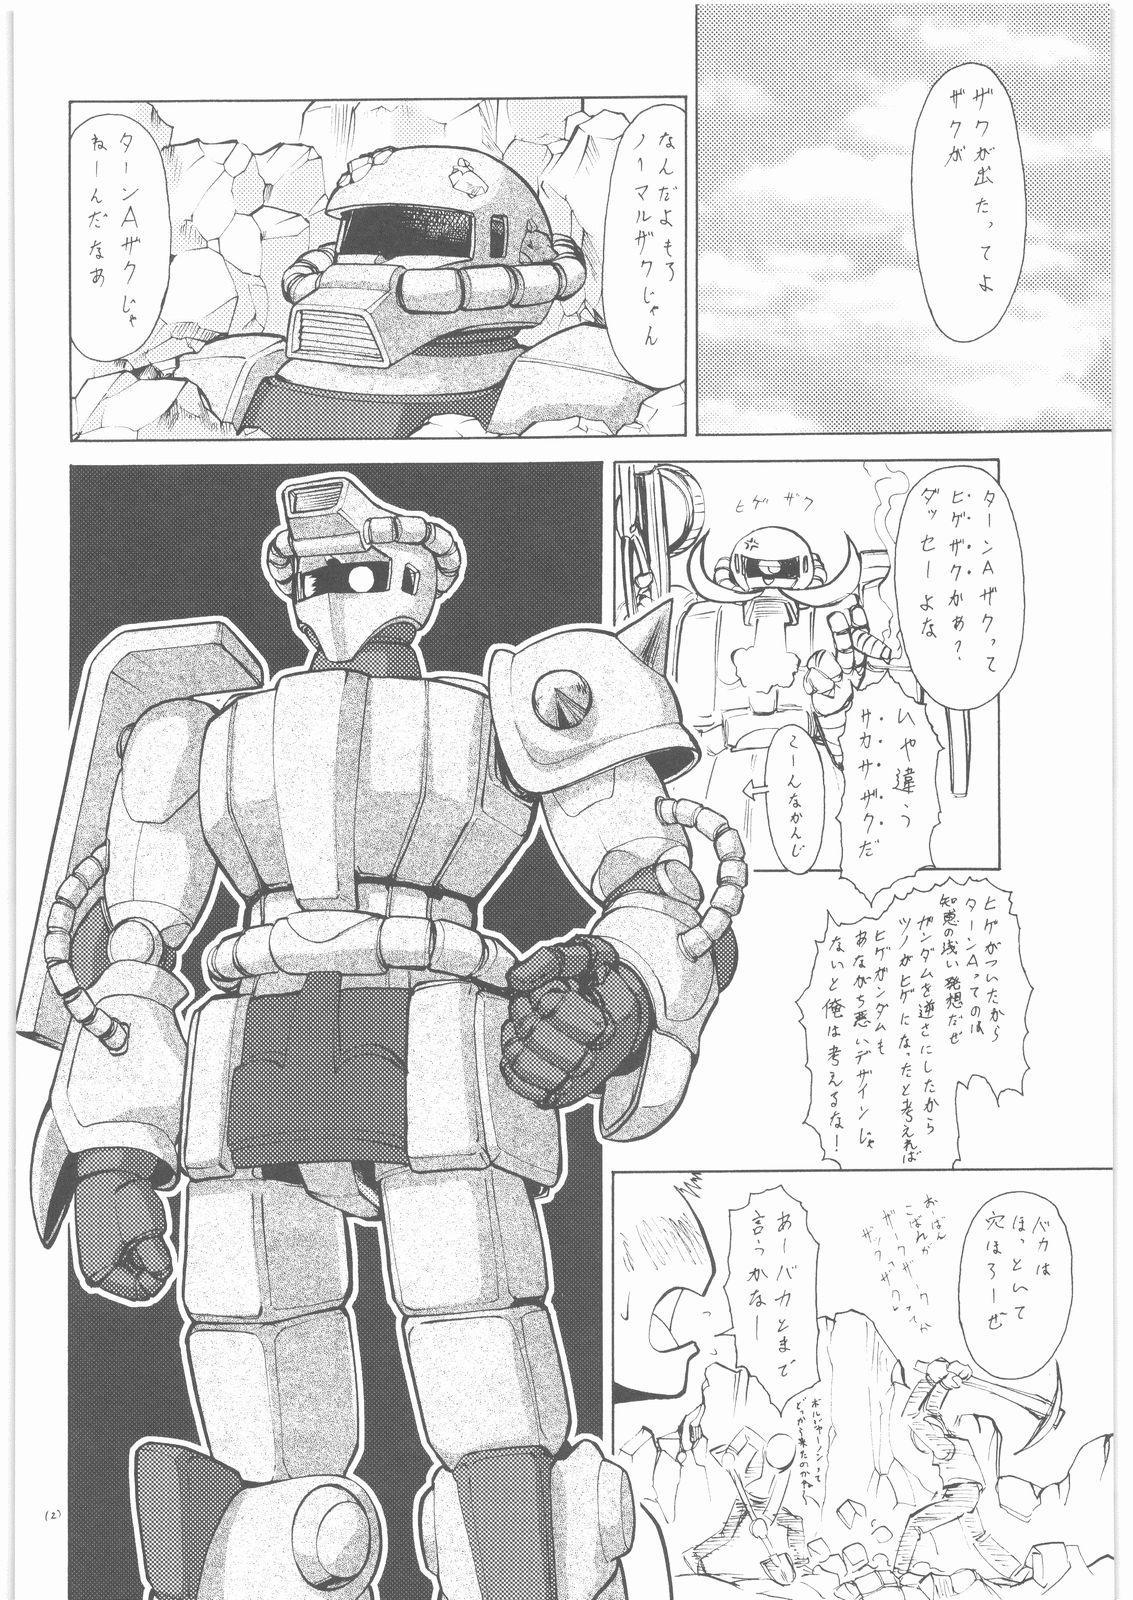 Umedamangashuu 12 Shito 8